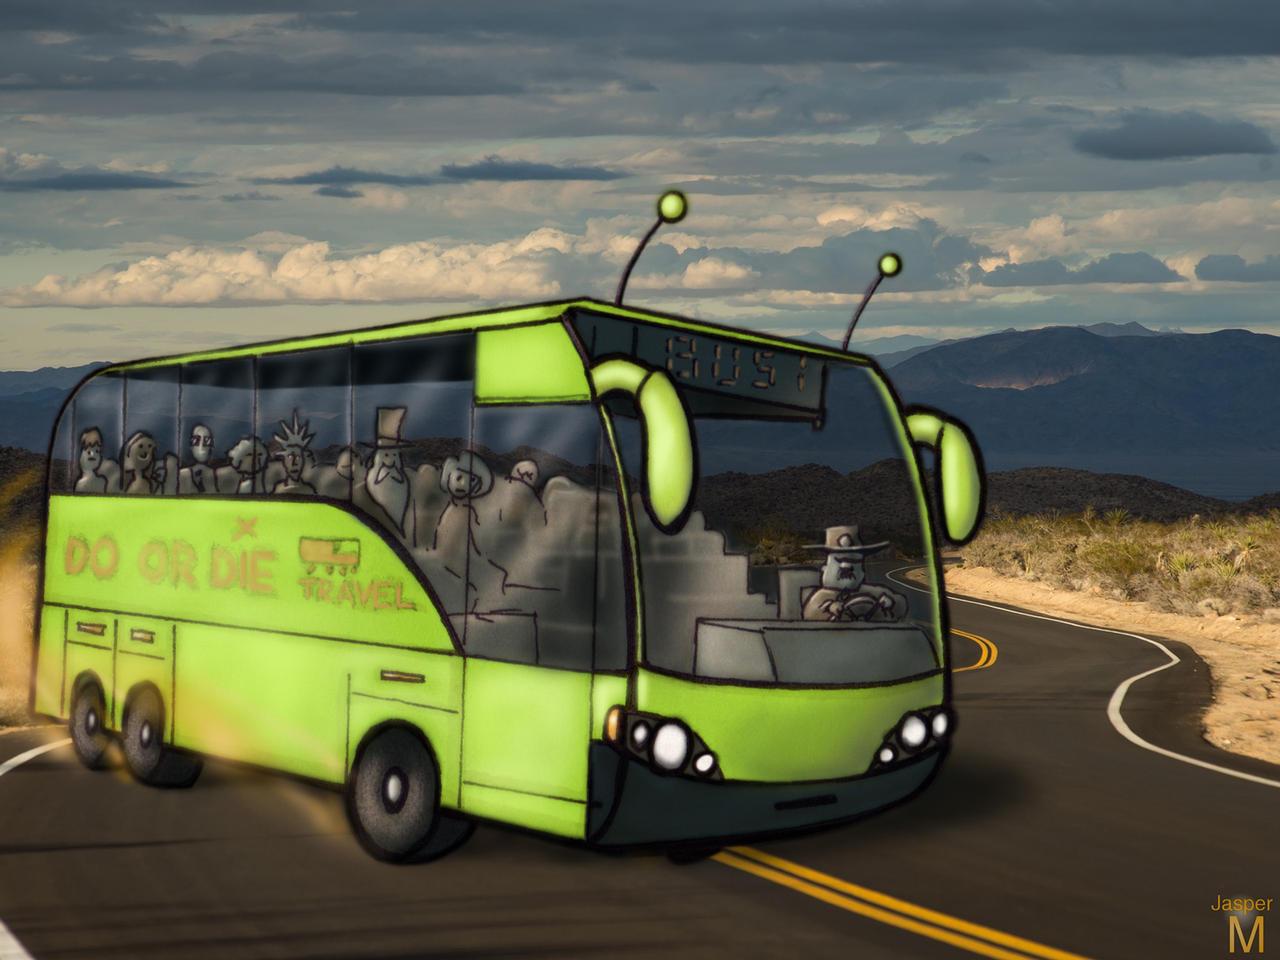 Bus (word no. 68)